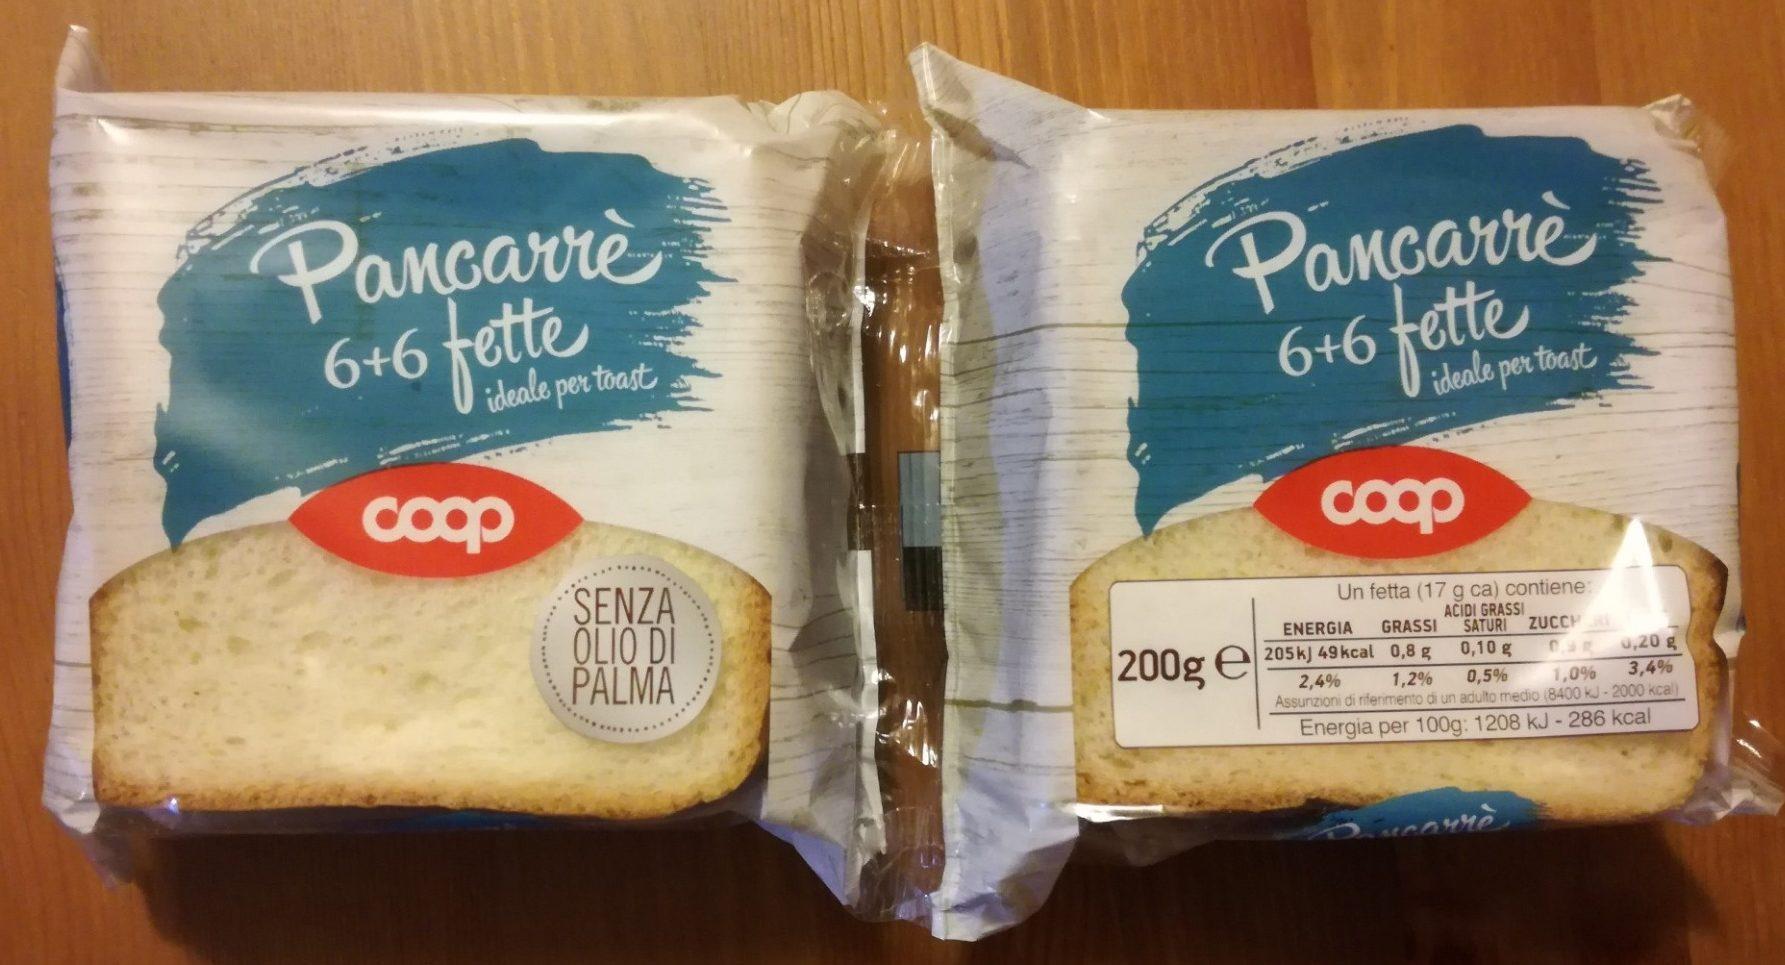 Pancarré 6+6 fette - Product - it